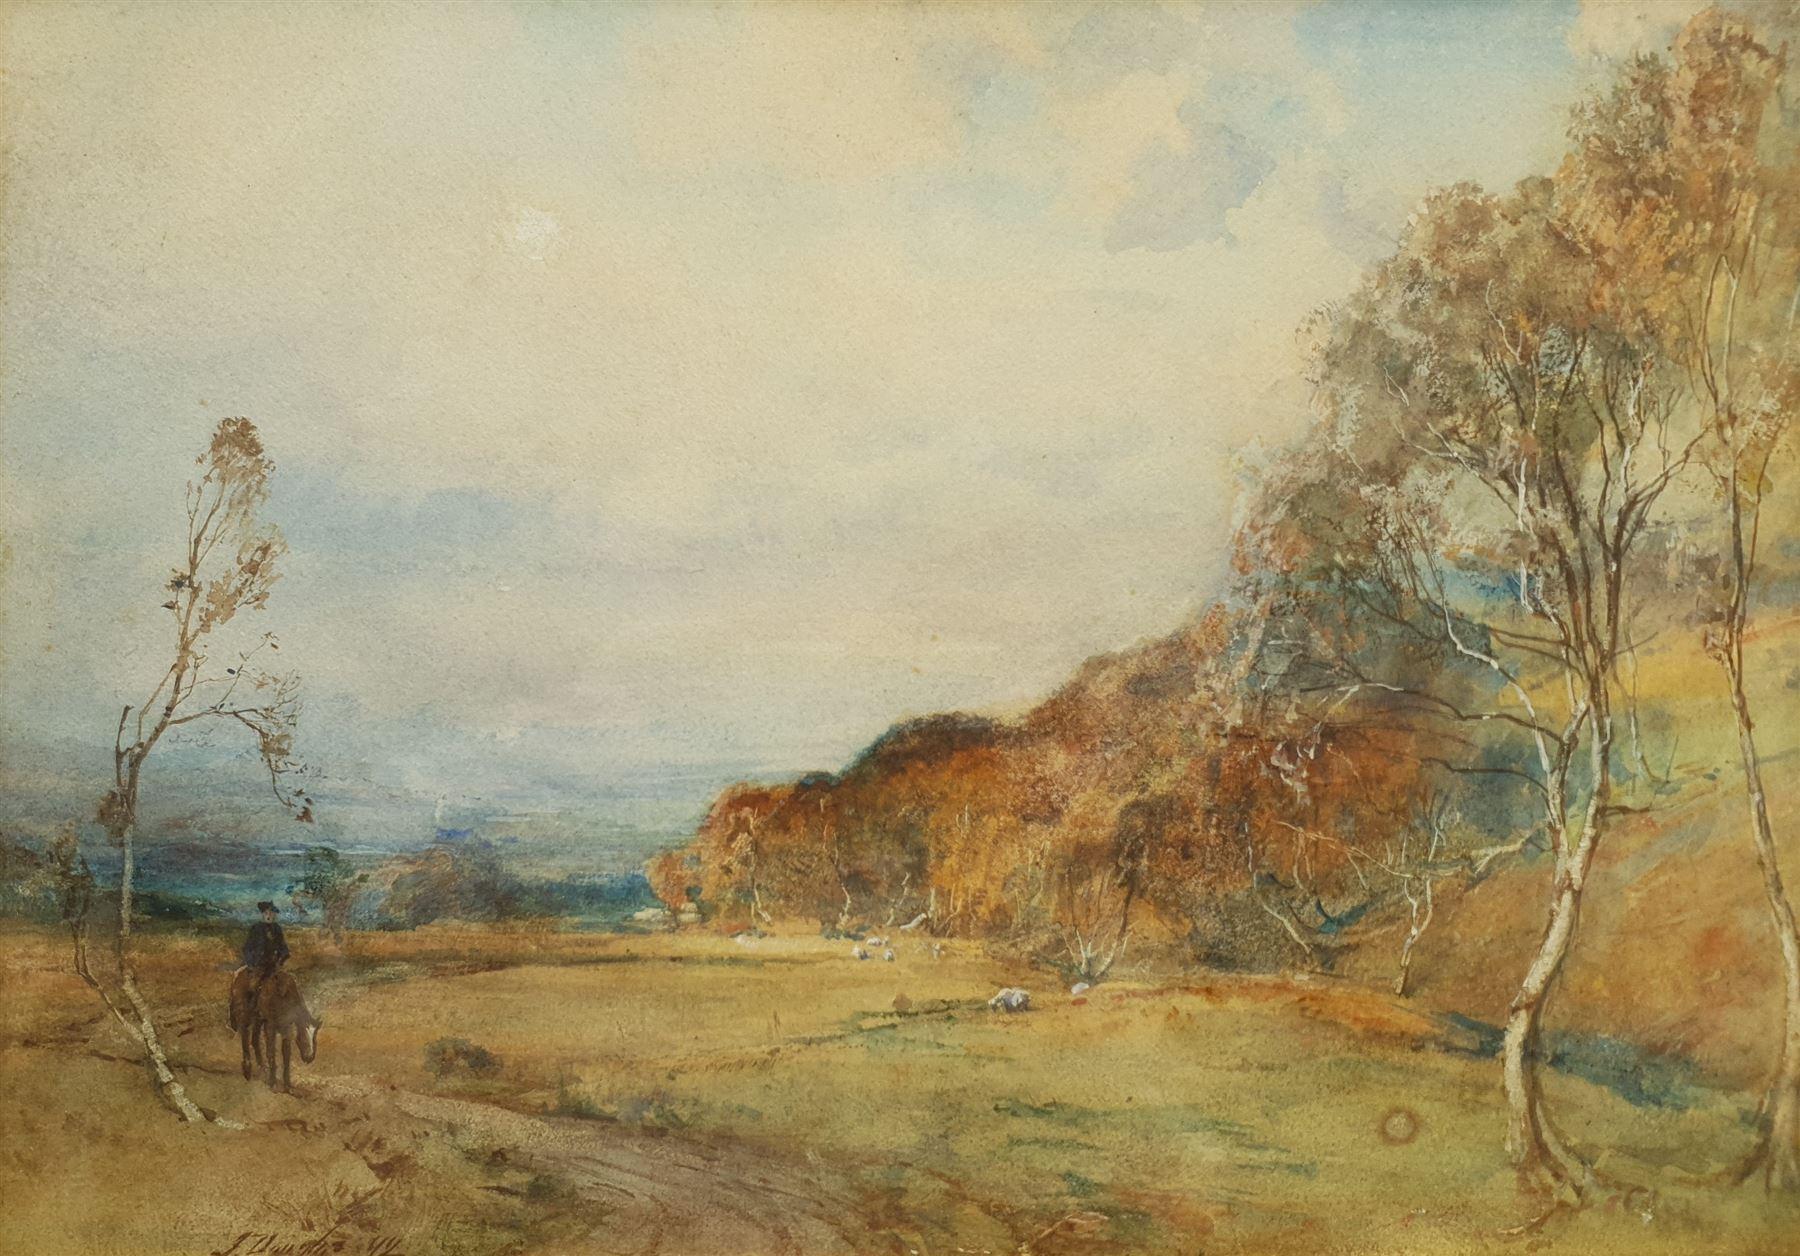 James Douglas (Scottish 1858-1911): Landscape with Sheep and Rider on Horseback